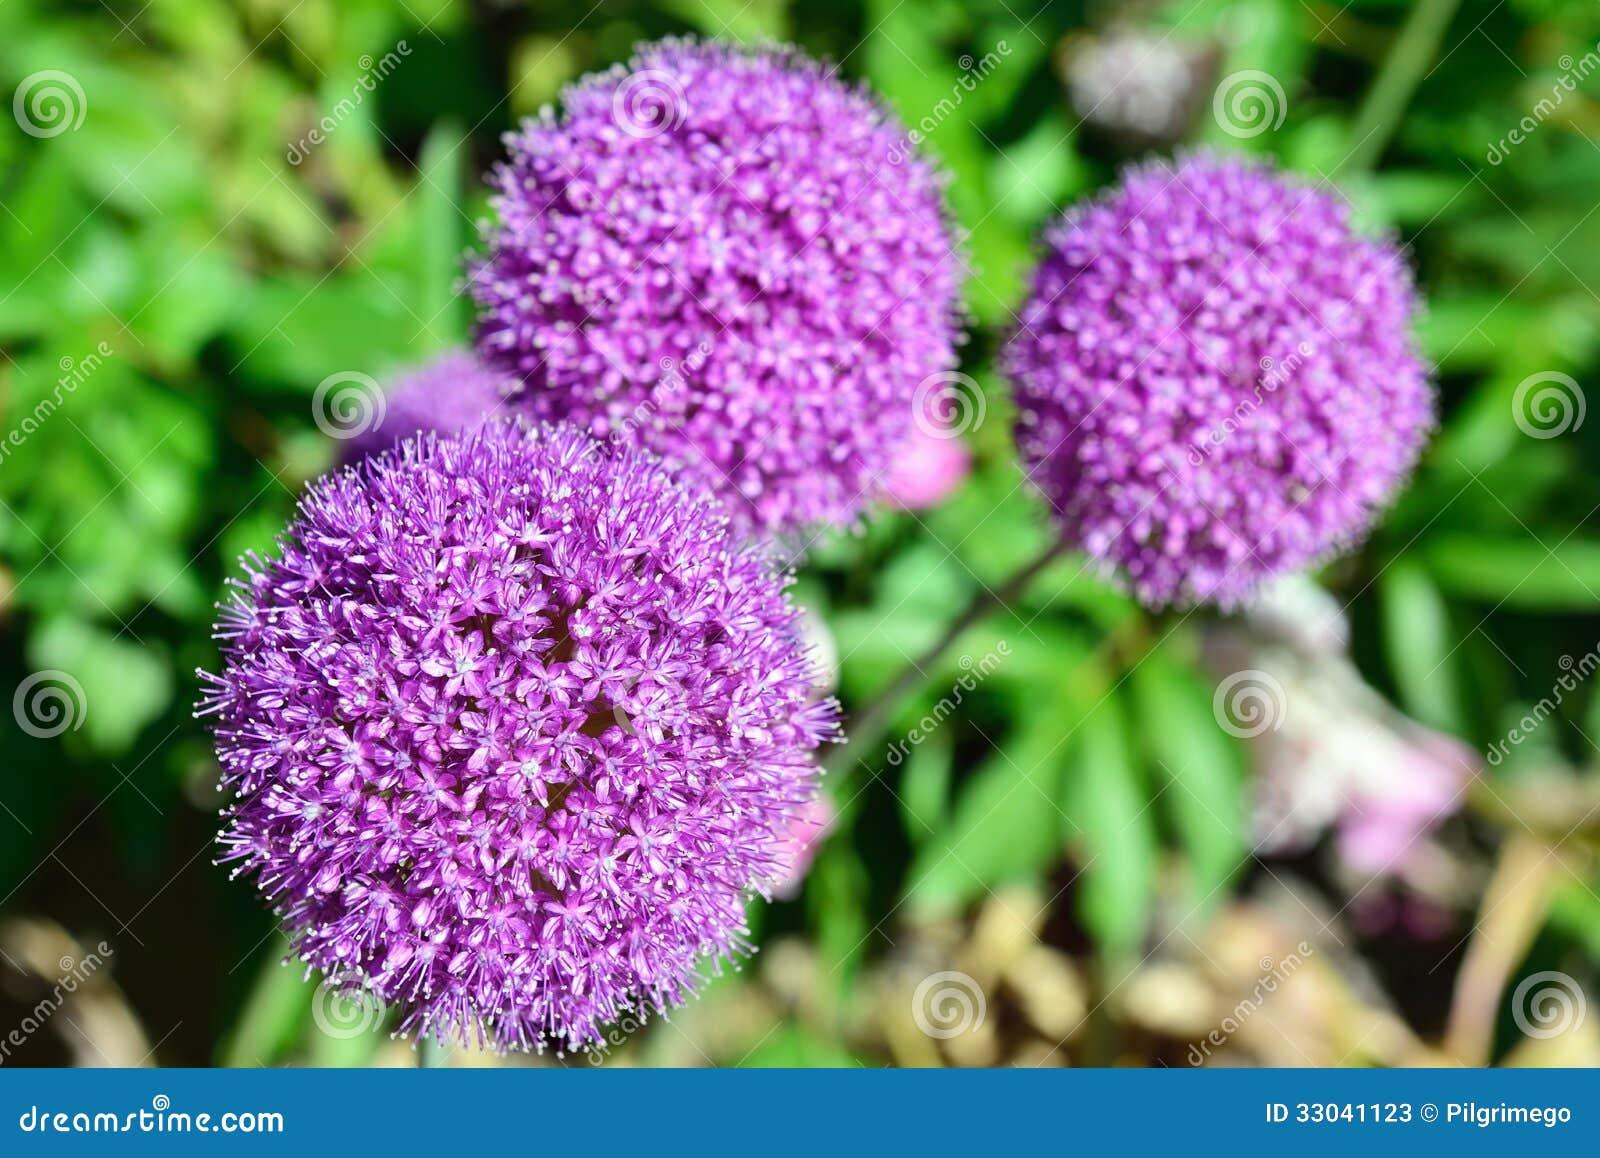 lila gartenblume stockbild bild von wiese sch n wachstum 33041123. Black Bedroom Furniture Sets. Home Design Ideas